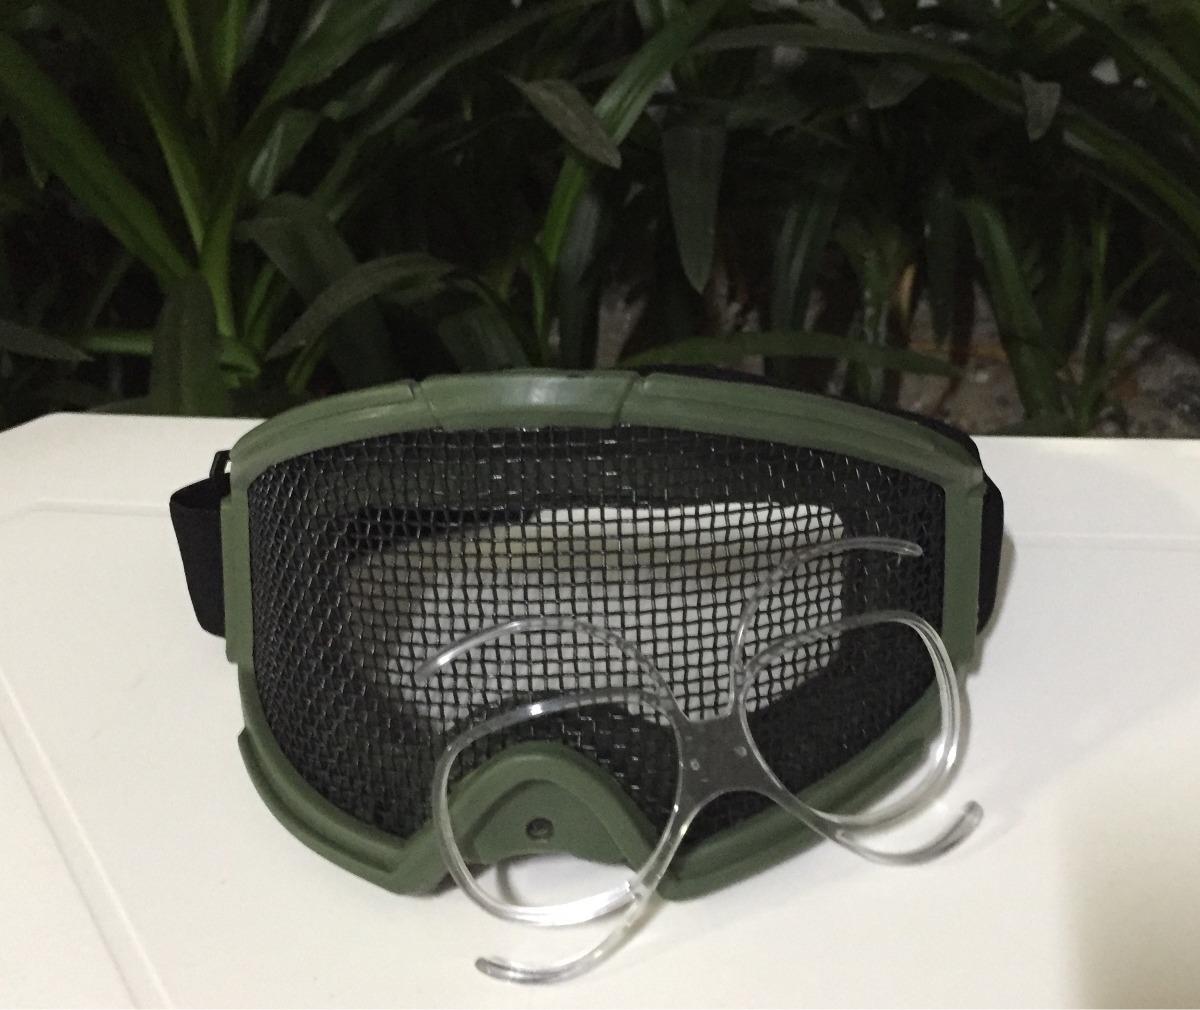 f4abaac110b4f Óculos Tramado Airsoft Com Clip Lente Grau Frete Free - R  120,00 em ...